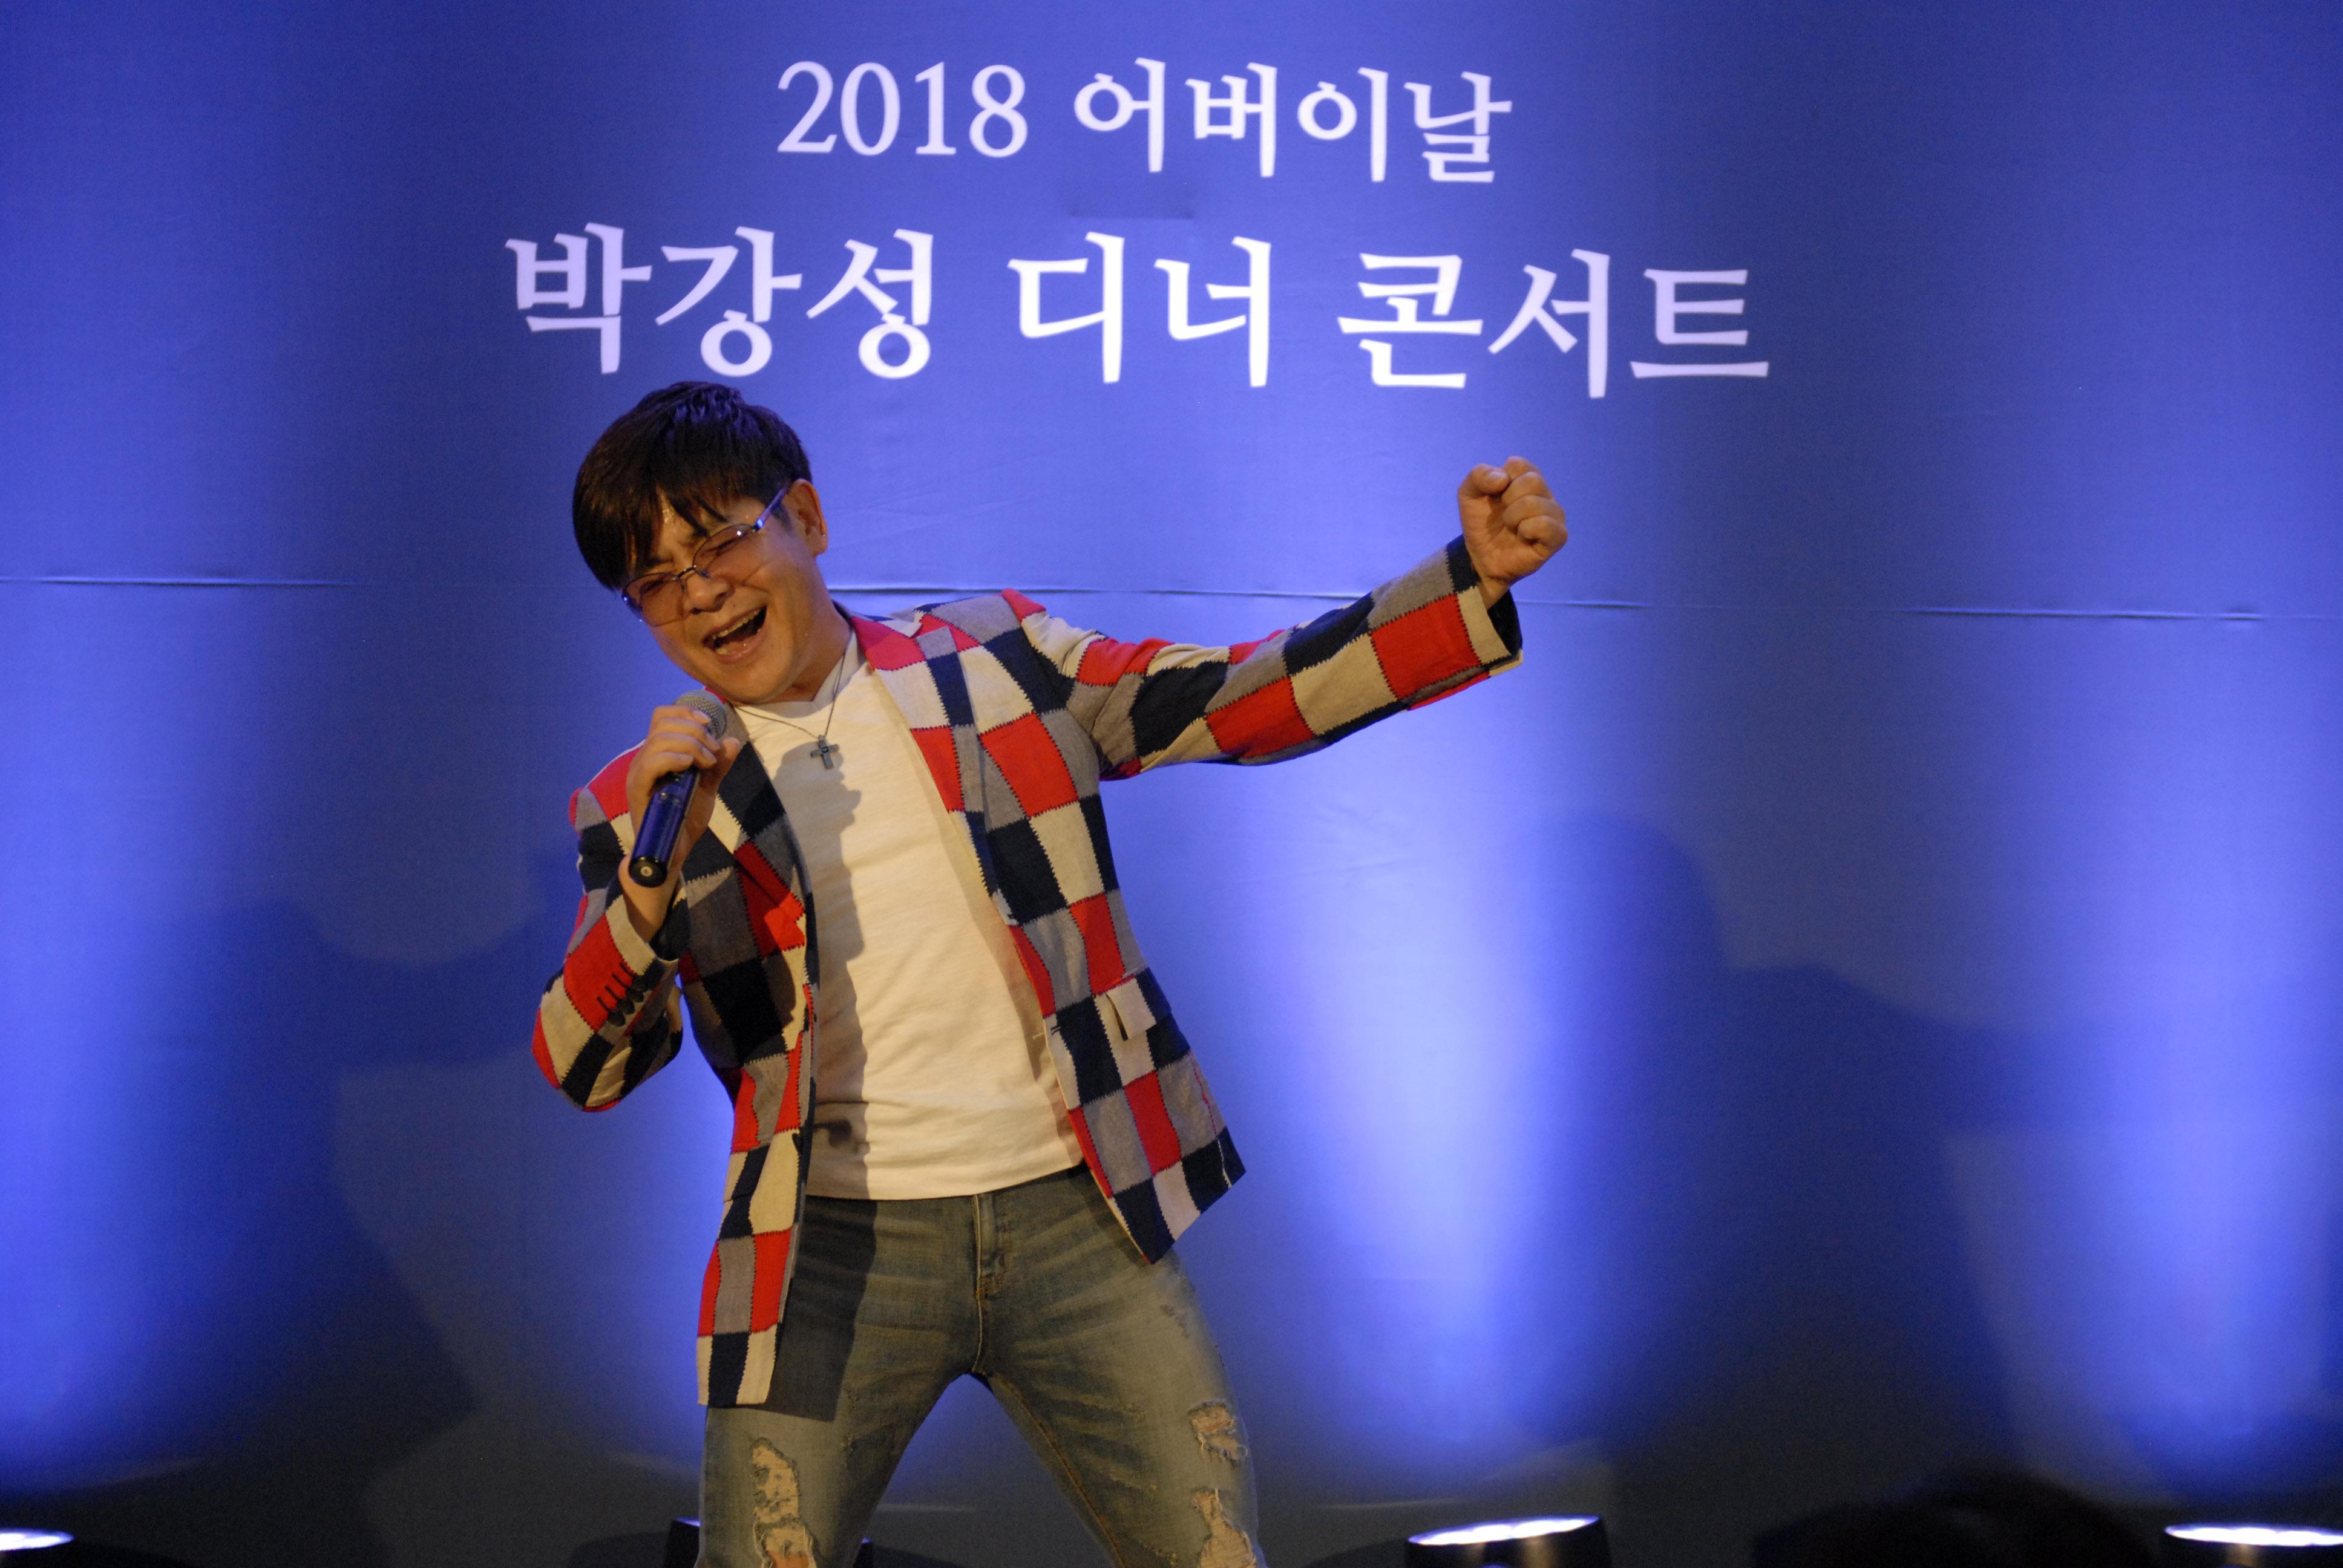 가수, 박강성, 이메이드